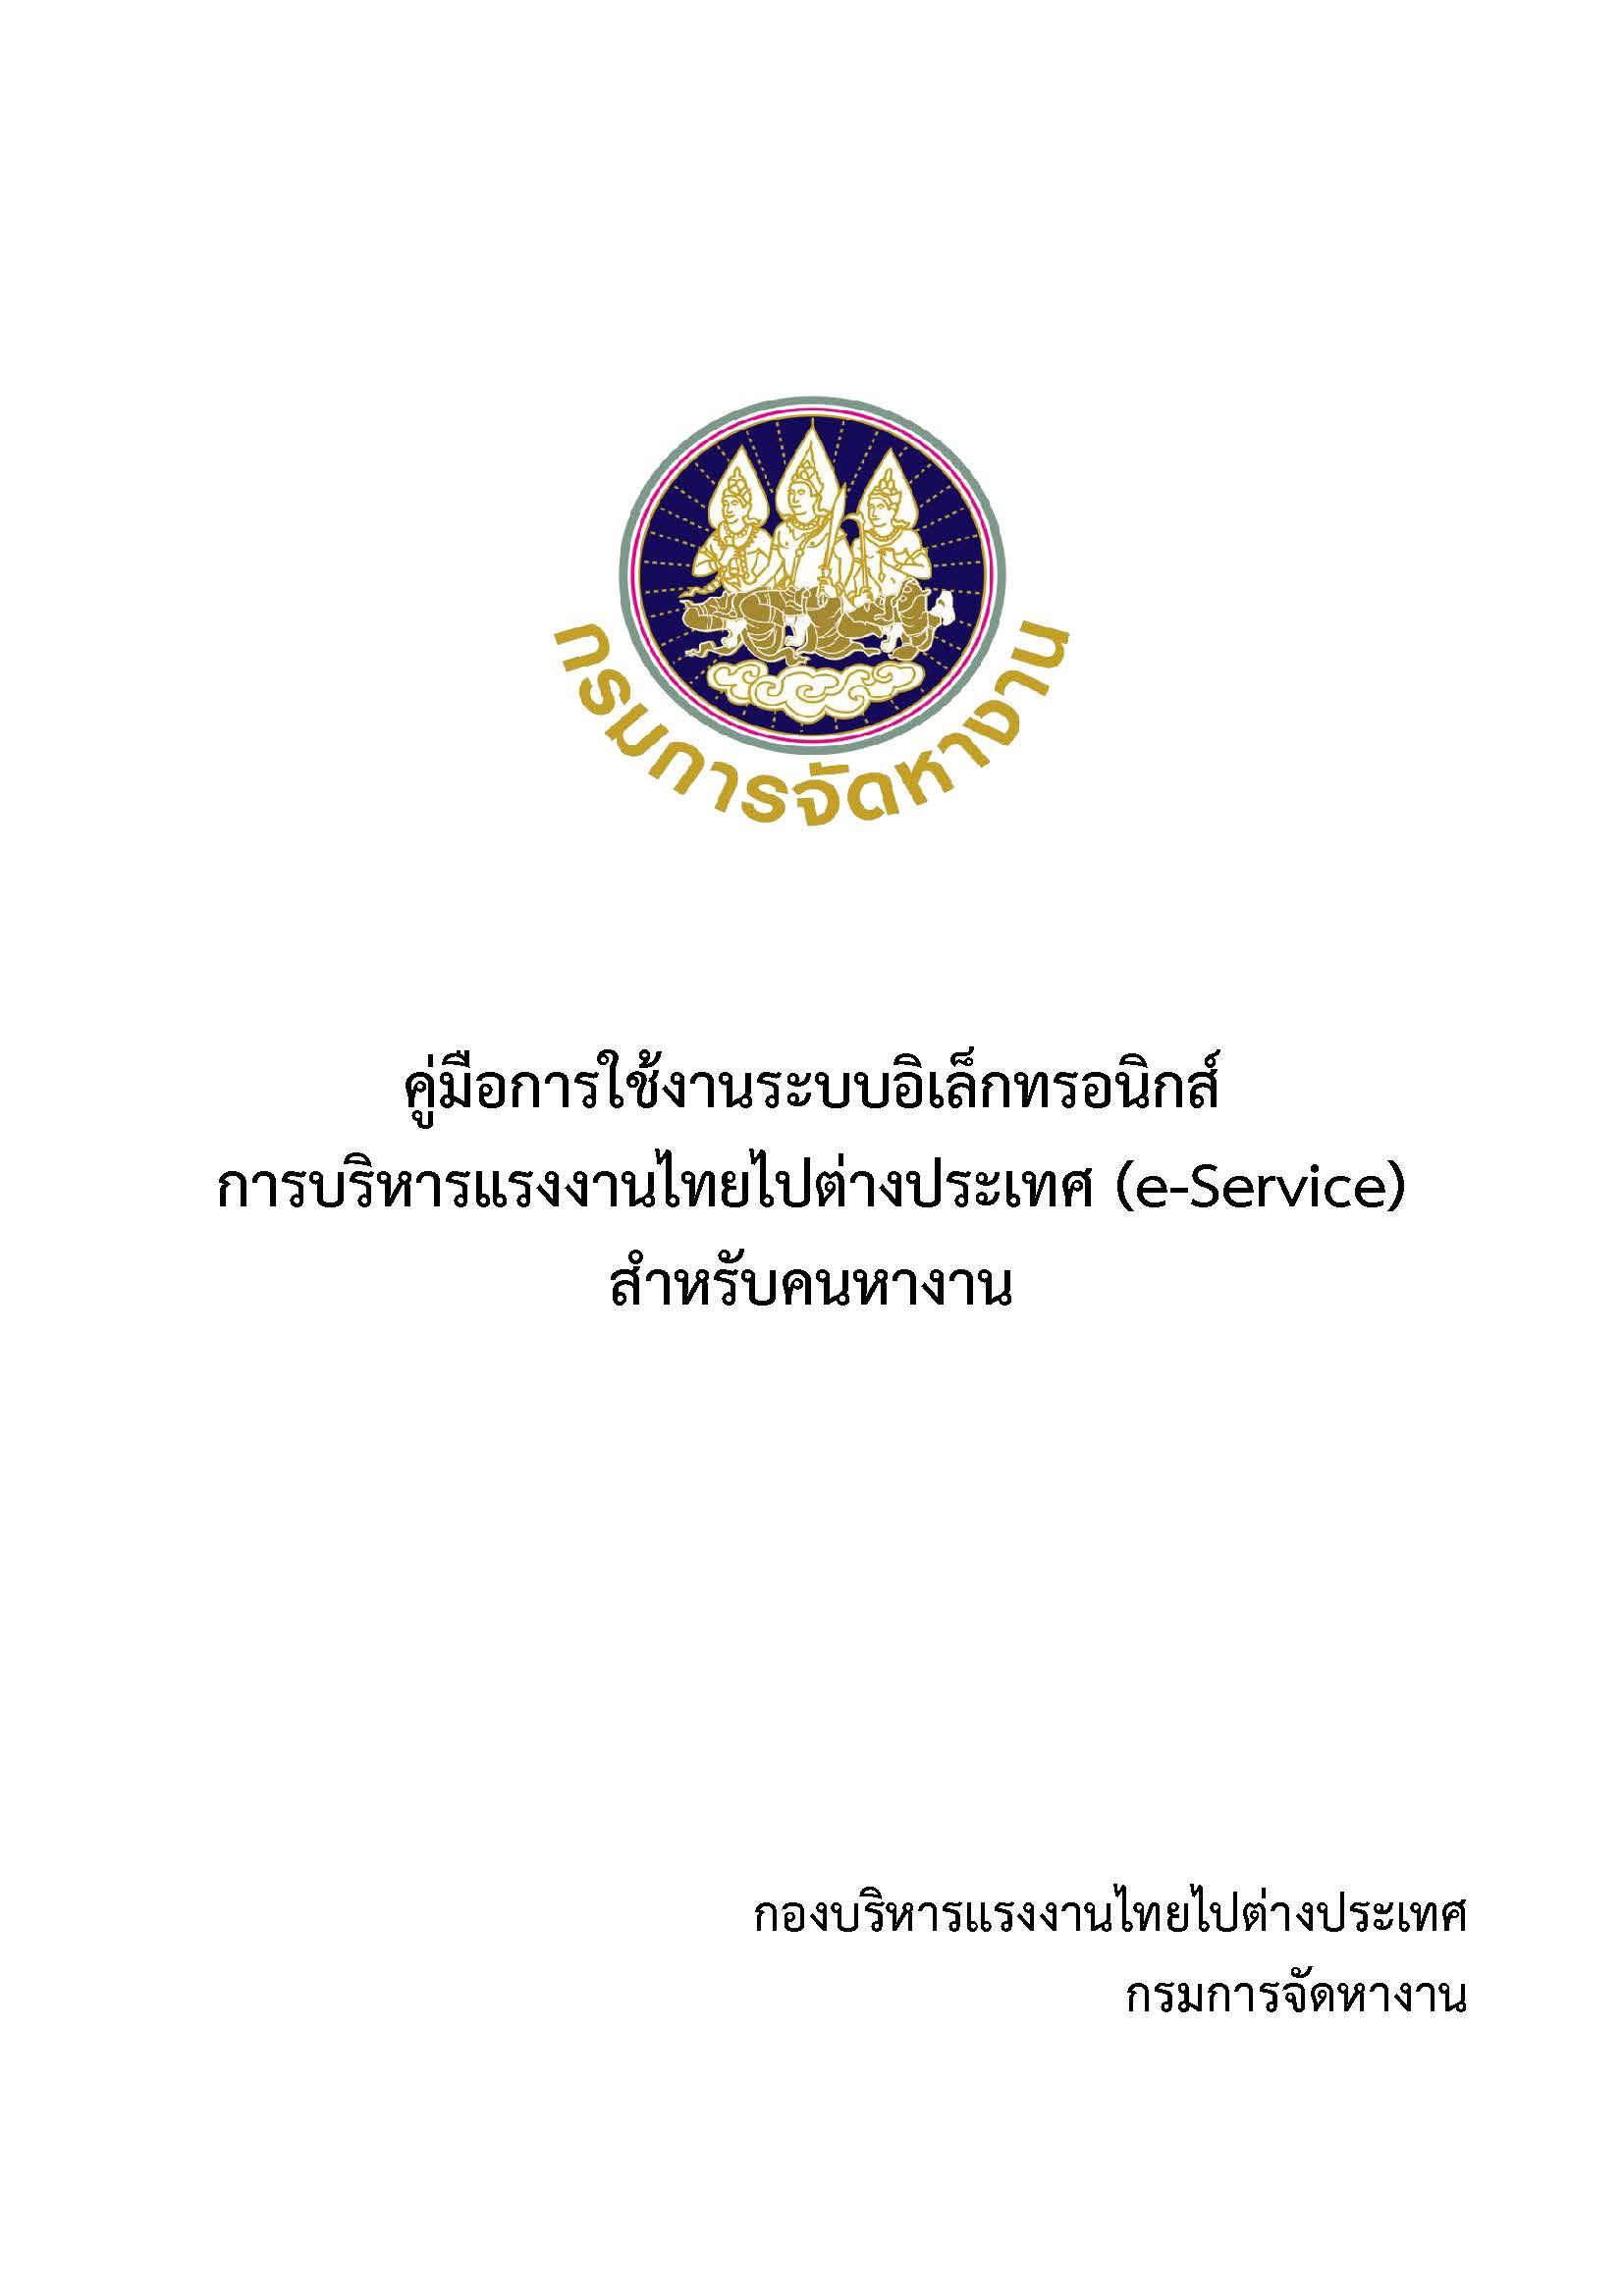 คู่มือการใช้งานระบบอิเล็กทรอนิกส์การบริหารแรงงานไทยไปต่างประเทศ (e-Service) สำหรับคนหางาน